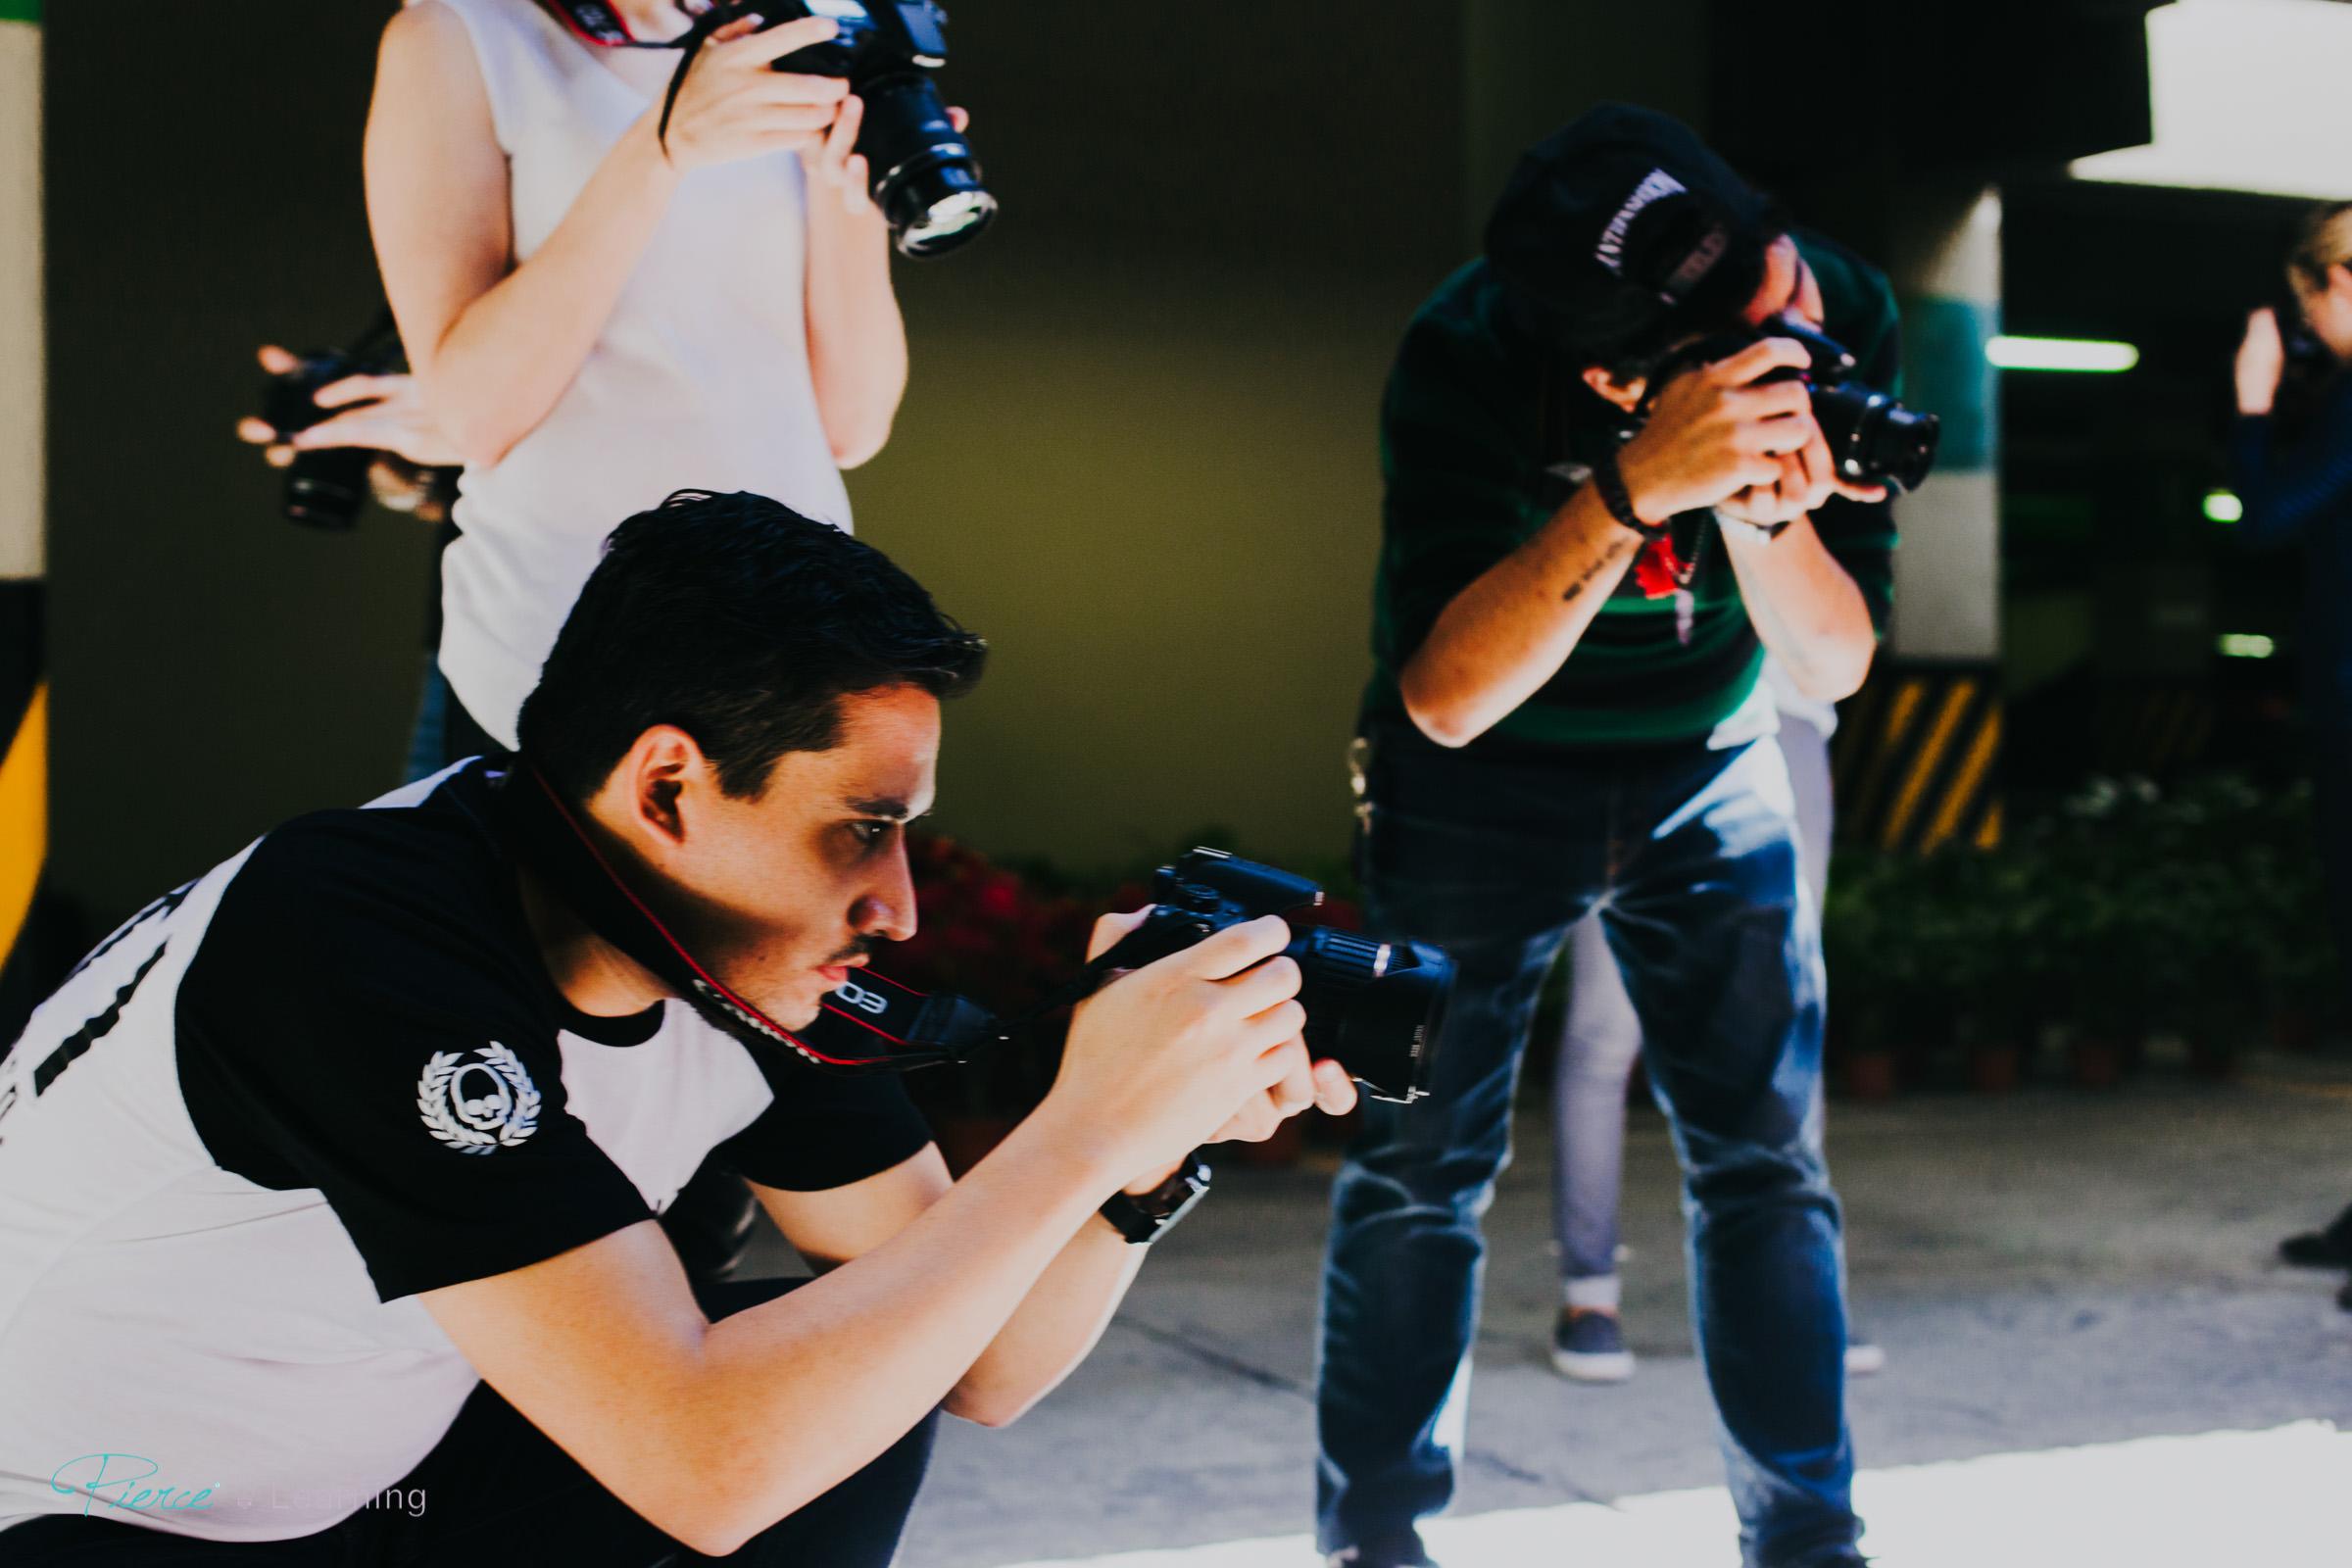 Workshop-Curso-Fotografia-Leon-Guanajuato-Mexico-Pierce-37.jpg